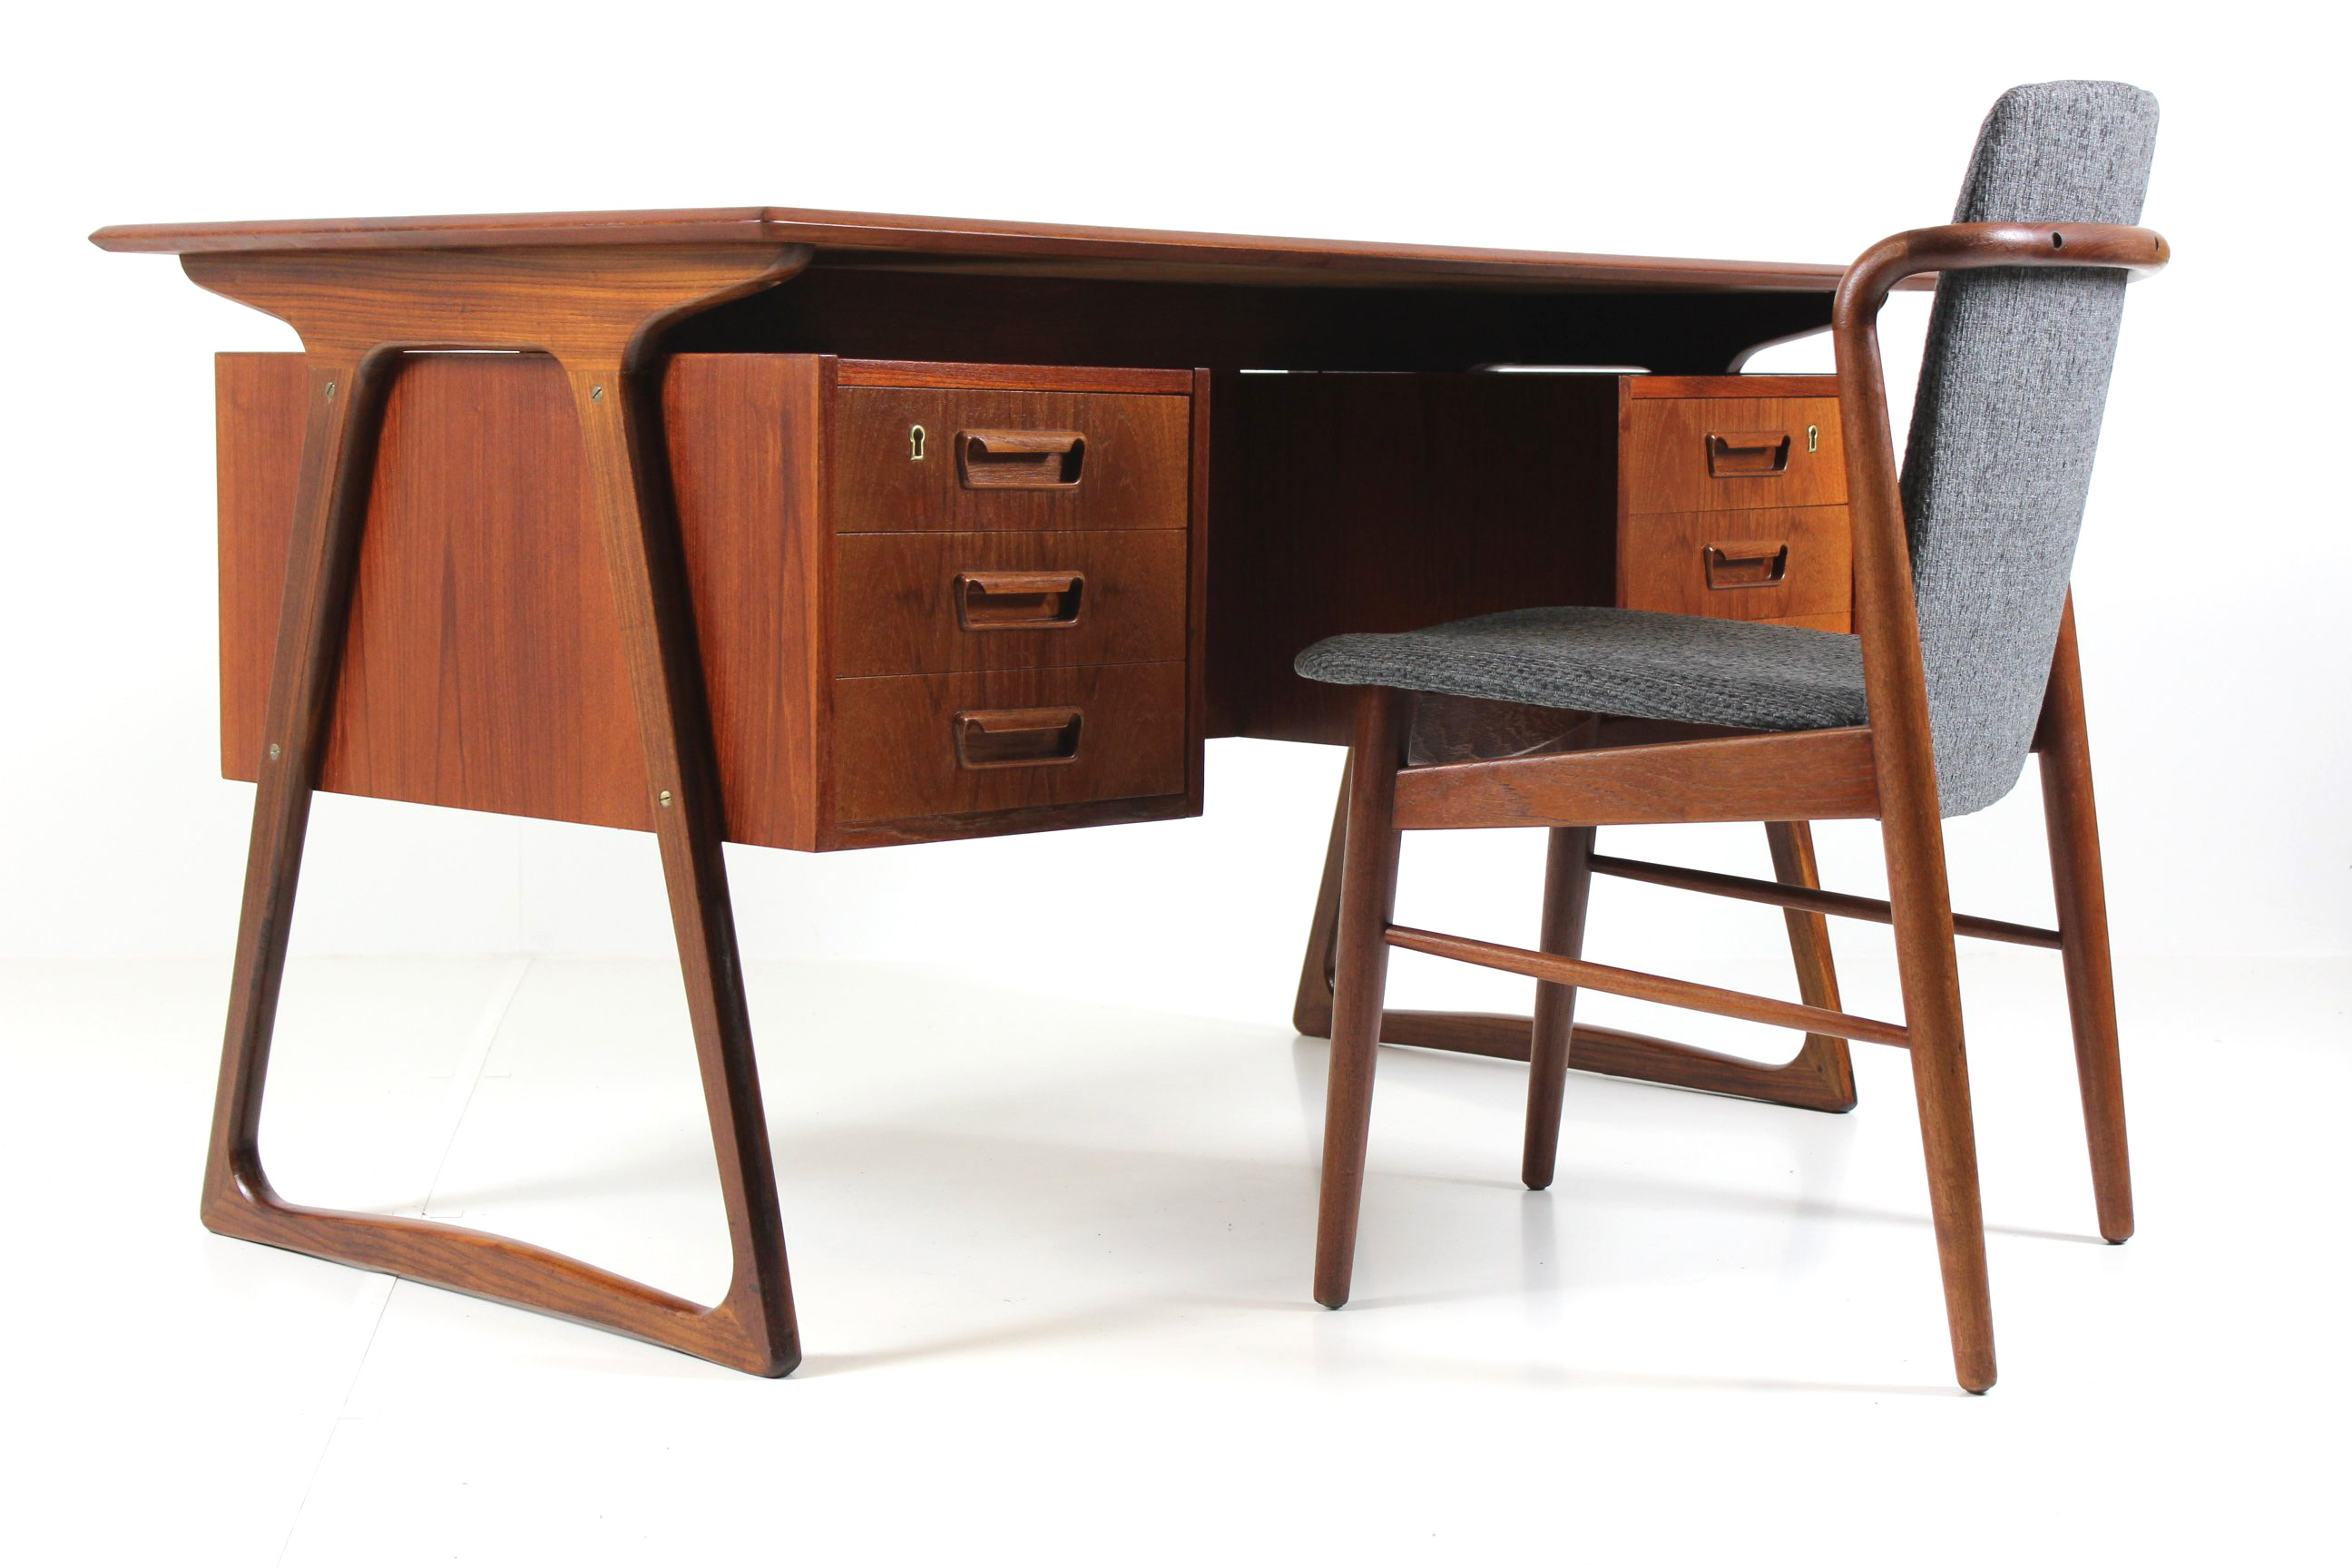 Classic Mid-Century Desk in Teak - DAVINT Design